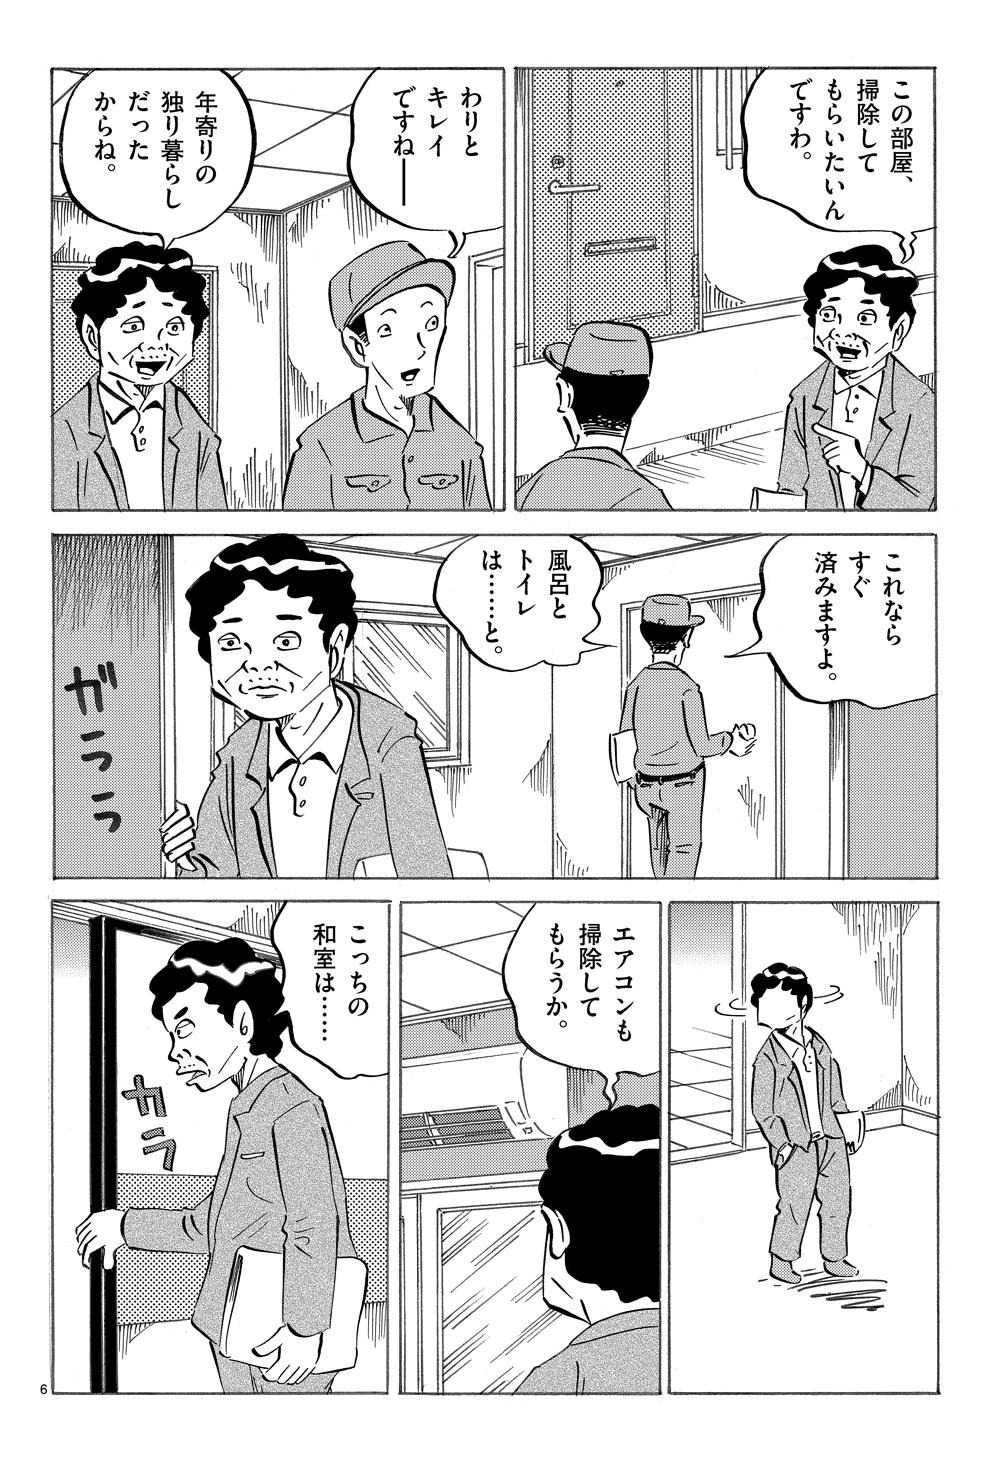 琉球怪談 【第5話】WEB掲載6ページ目画像